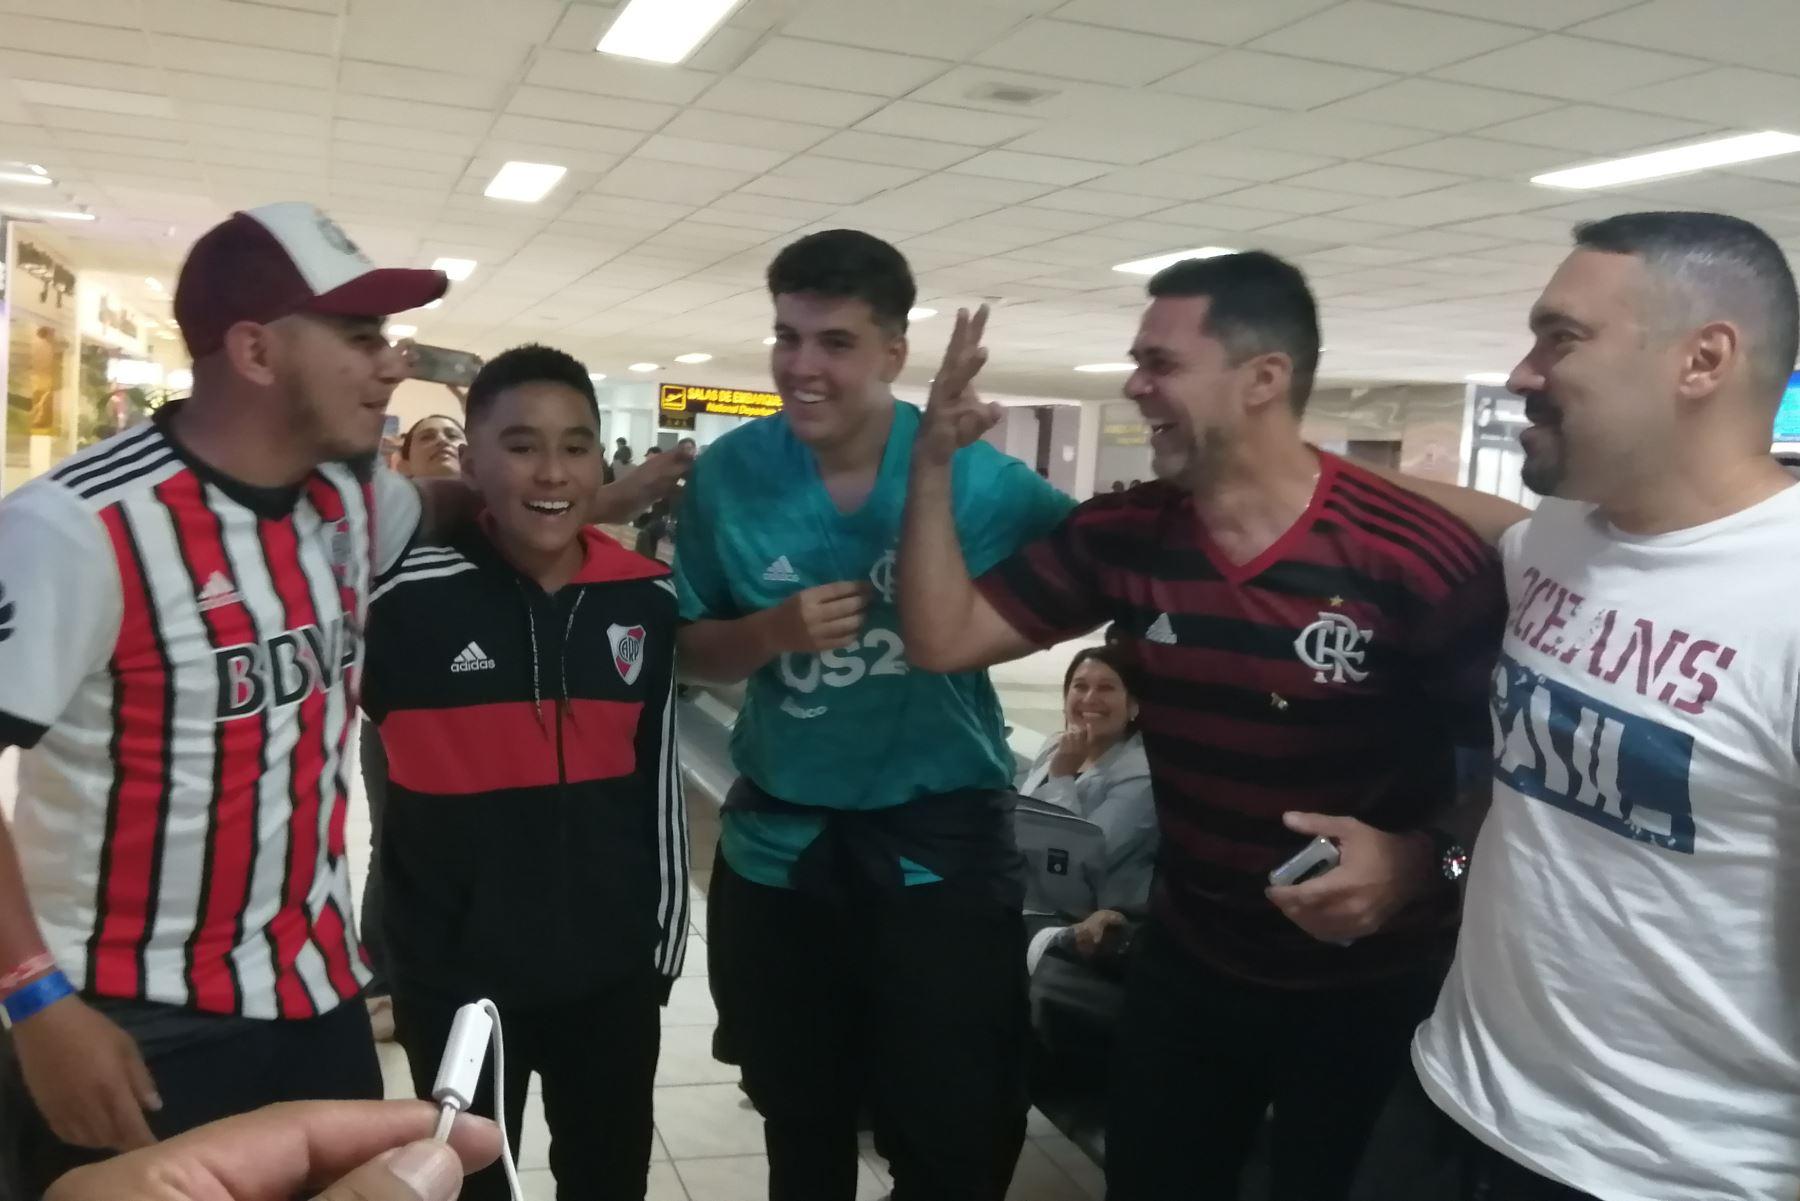 Hinchas de Flamengo y River Plate visitan Cusco y  confían en triunfo de sus equipos que disputarán la final de la Copa Libertadores este sábado 23 en Lima. ANDINA/Percy Hurtado